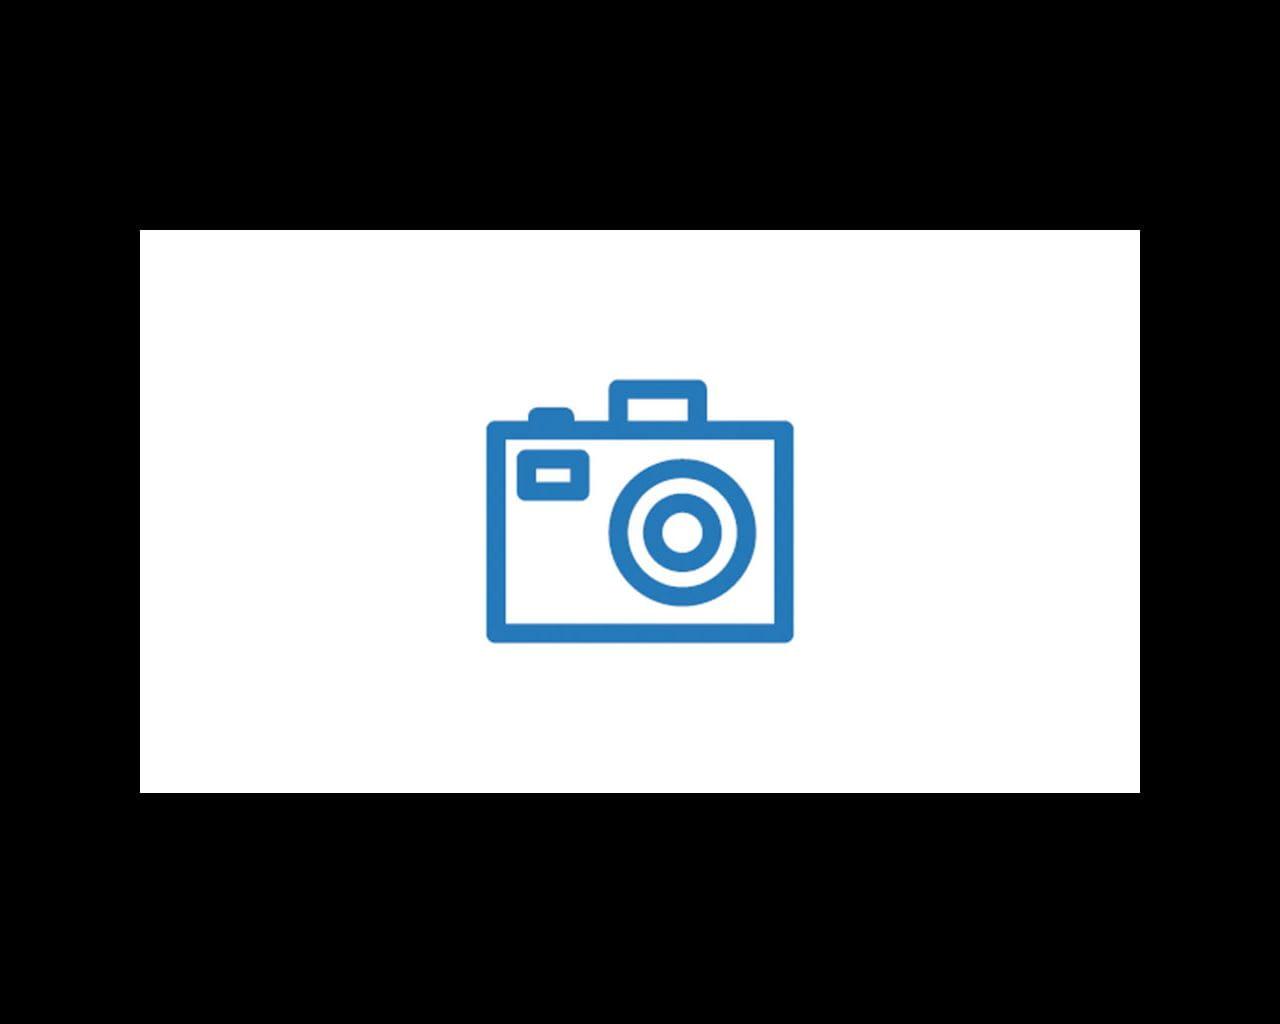 MyCare send a picture icon